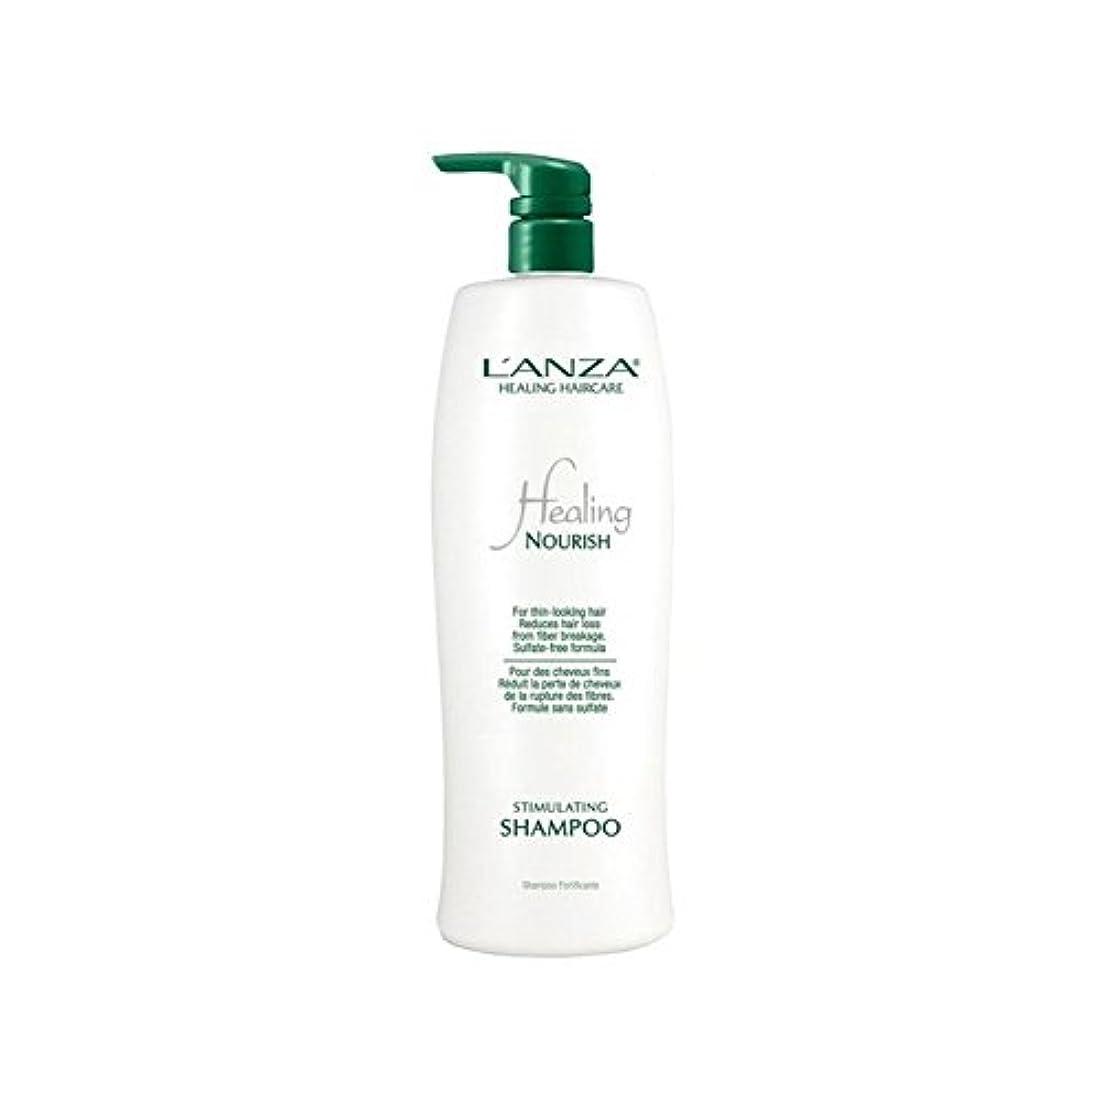 郊外個人的なリア王Lanza Healing Nourish Stimulating Shampoo (1000ml) (Pack of 6) - ランツァ治癒がシャンプー(千ミリリットル)を刺激する栄養を与えます x6 [並行輸入品]